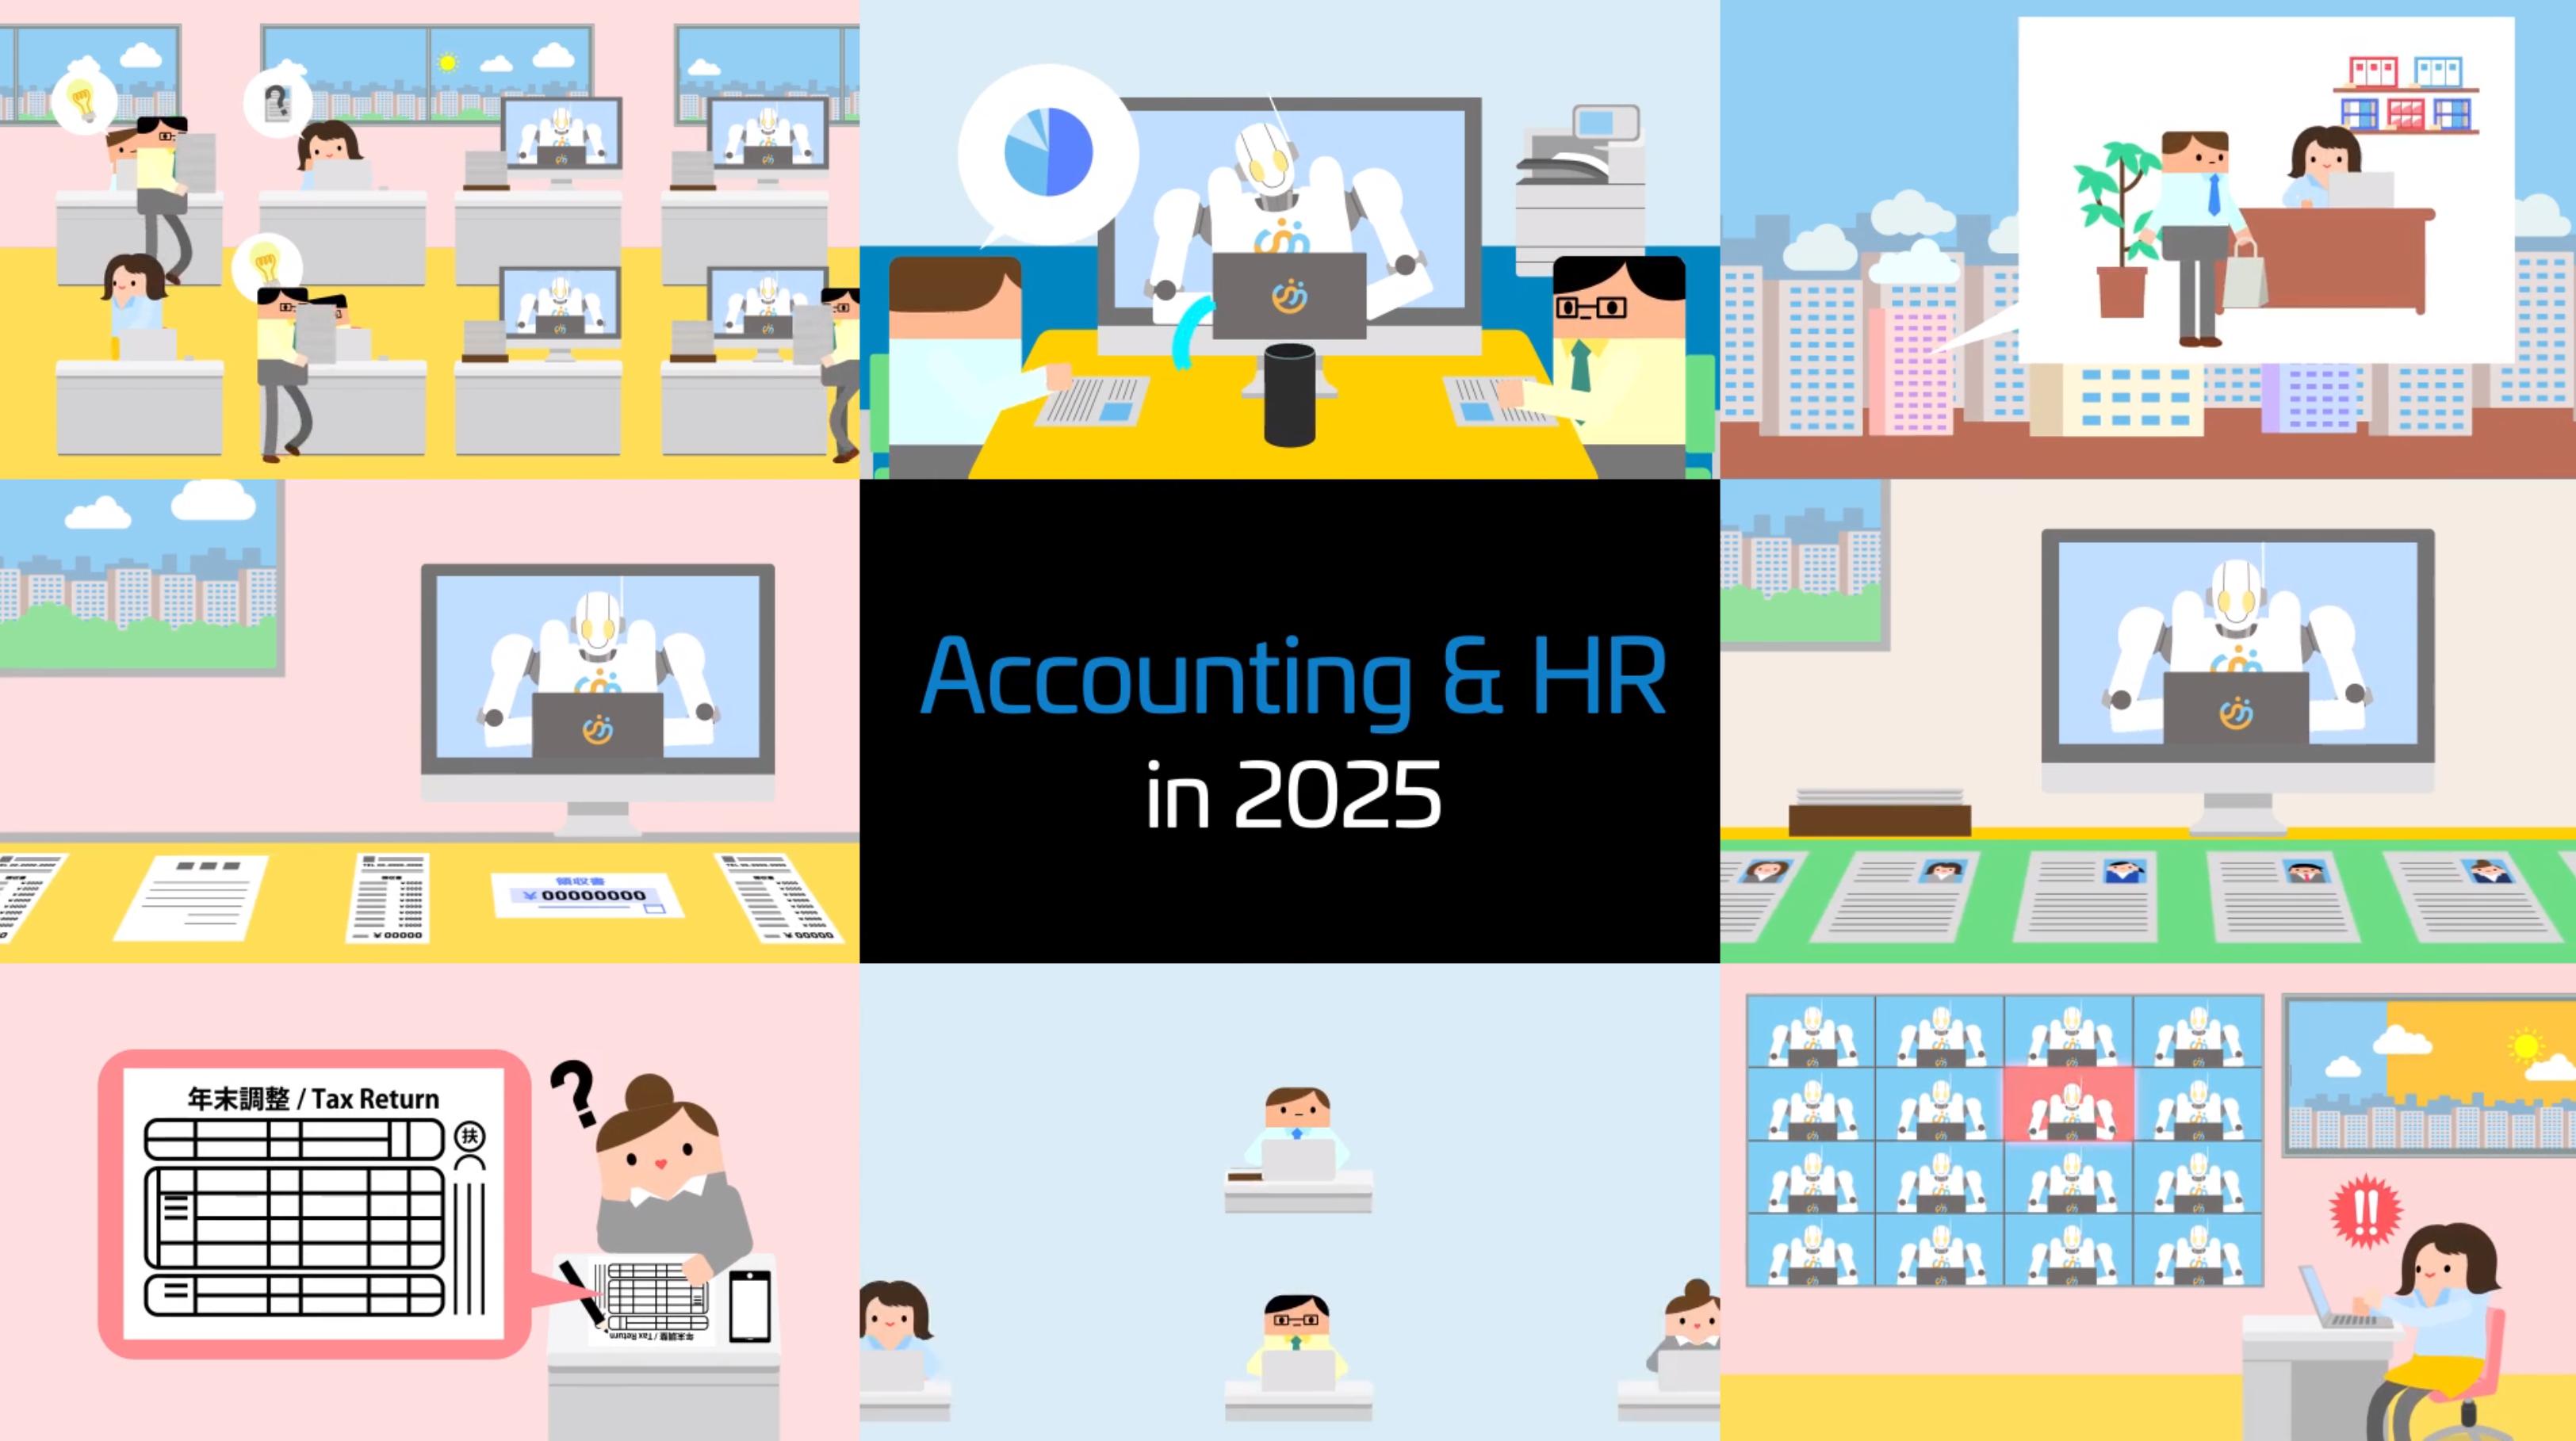 2025年、経理・人事の未来予想図 ~Accounting & HR in 2025~